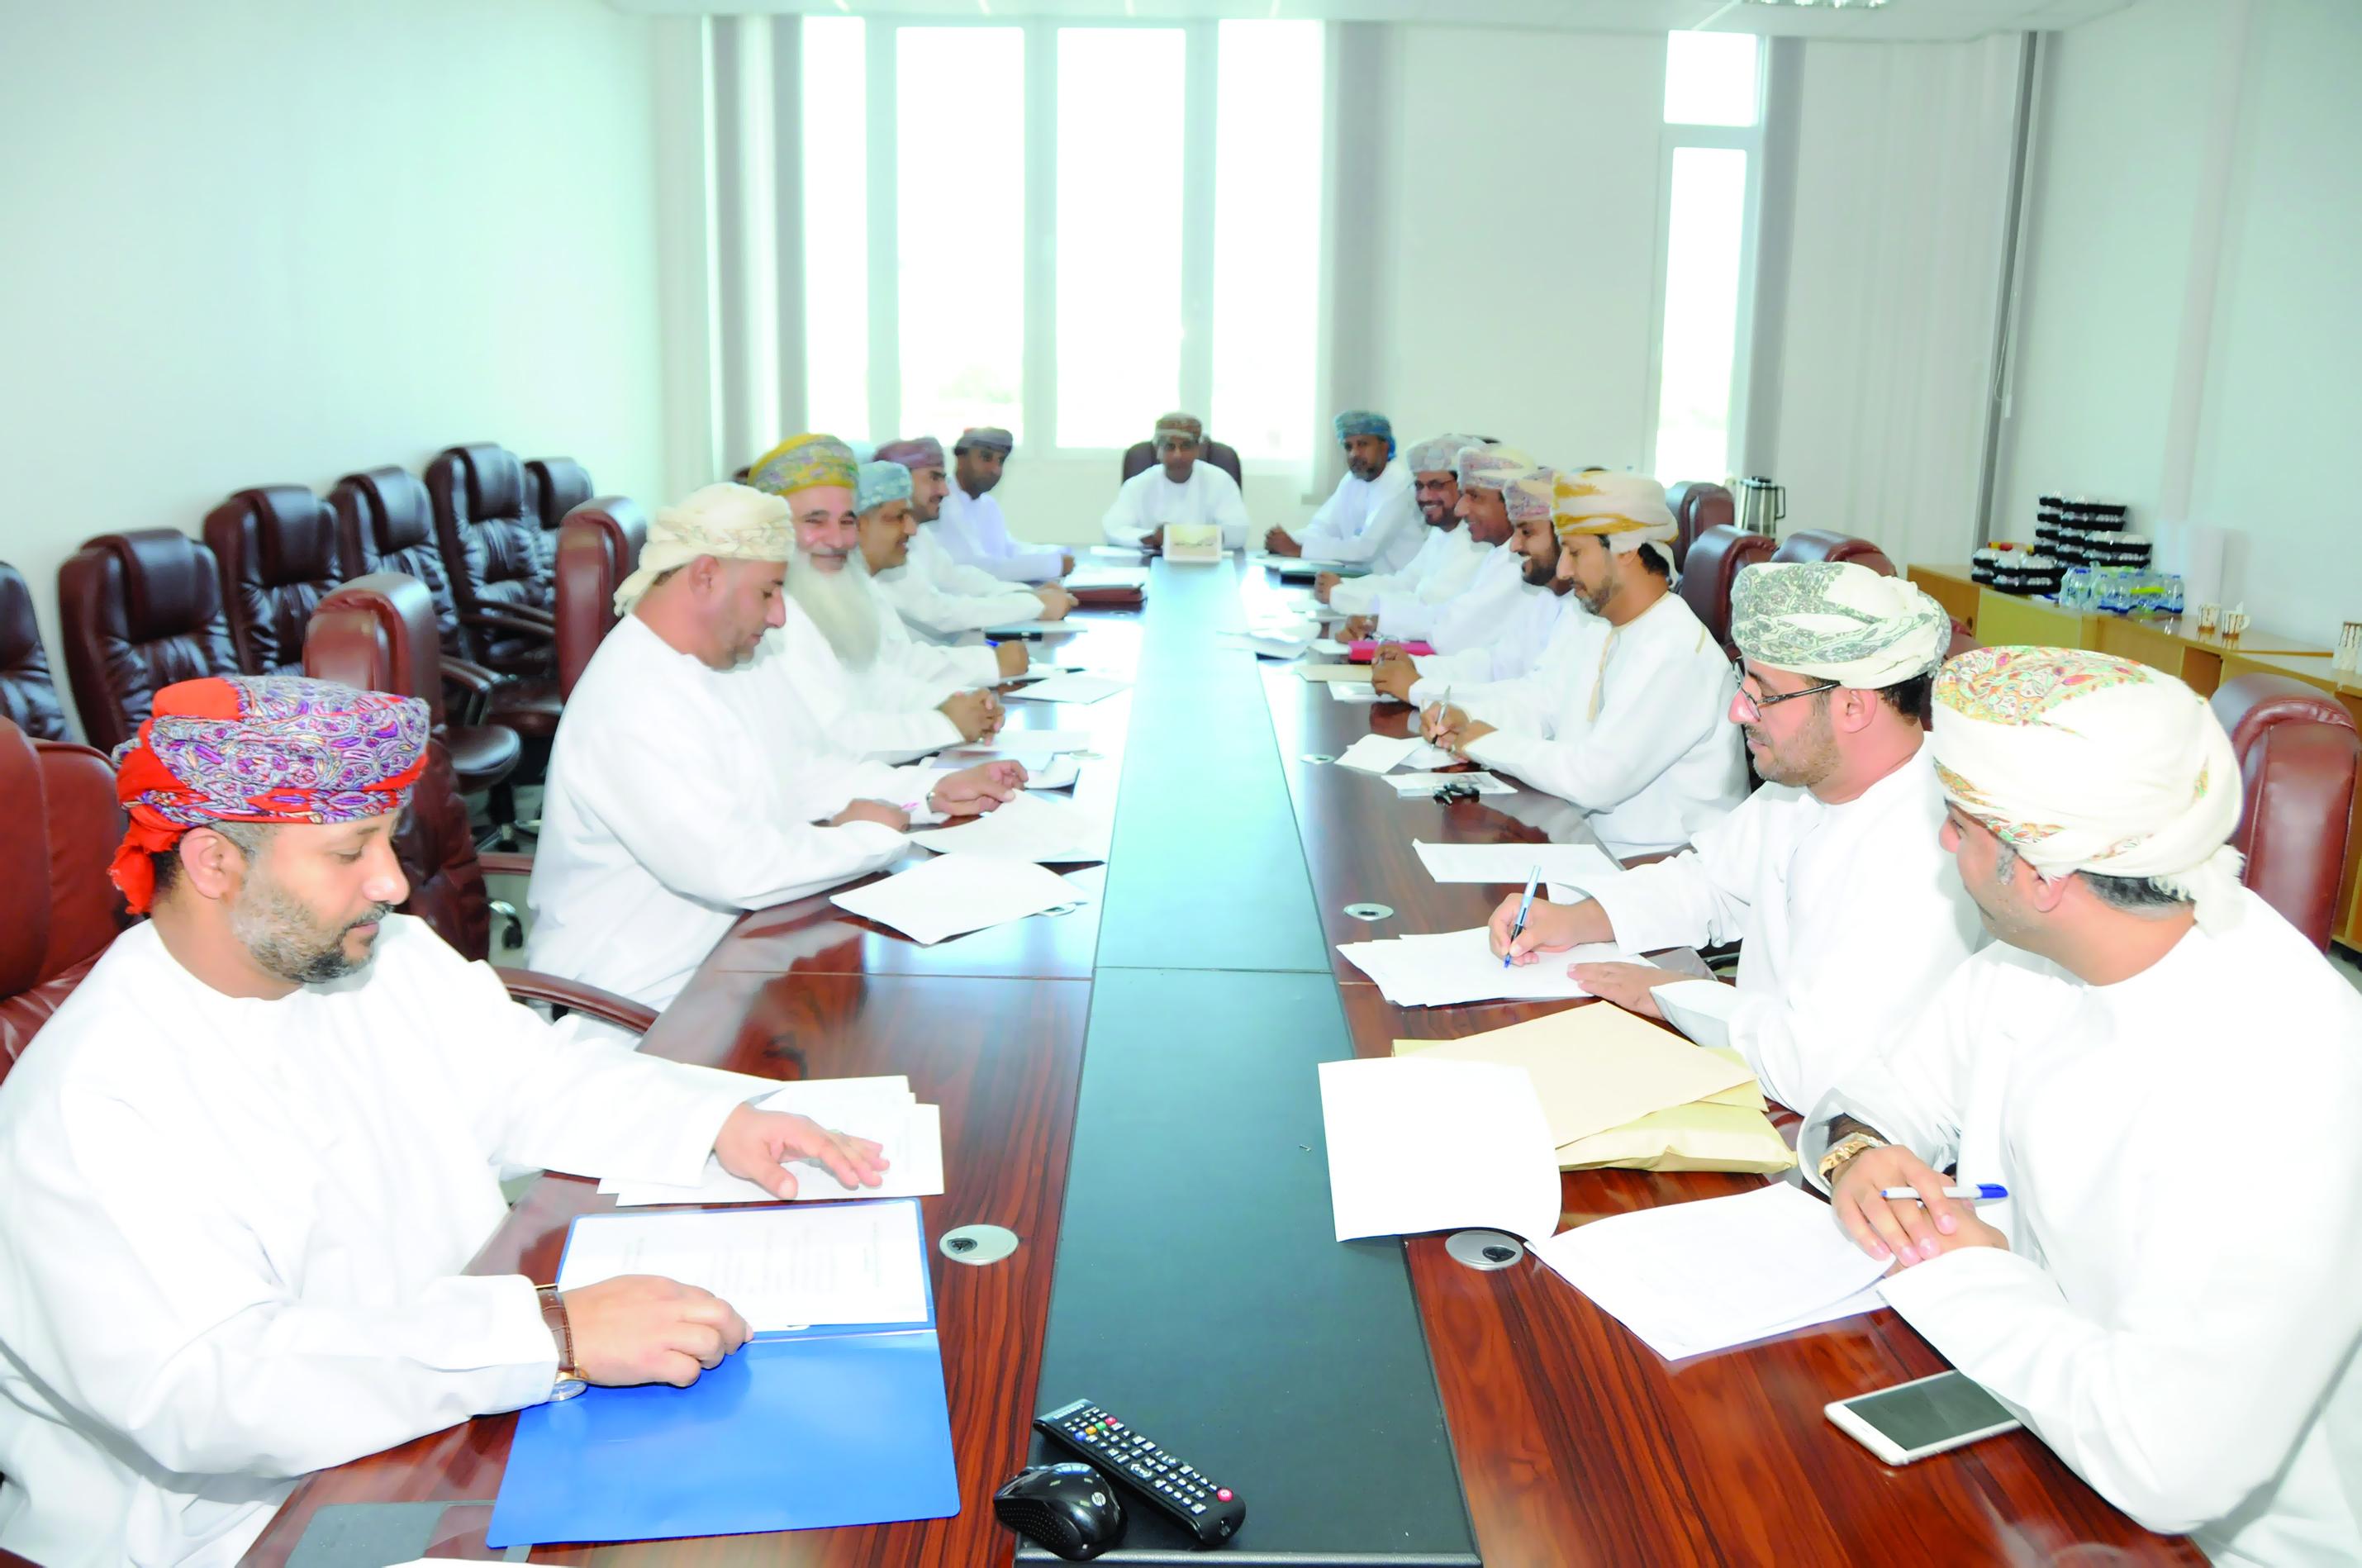 مكتب مسابقة المحافظة على النظافة المدرسية يجتمع برؤساء اللجان المحلية